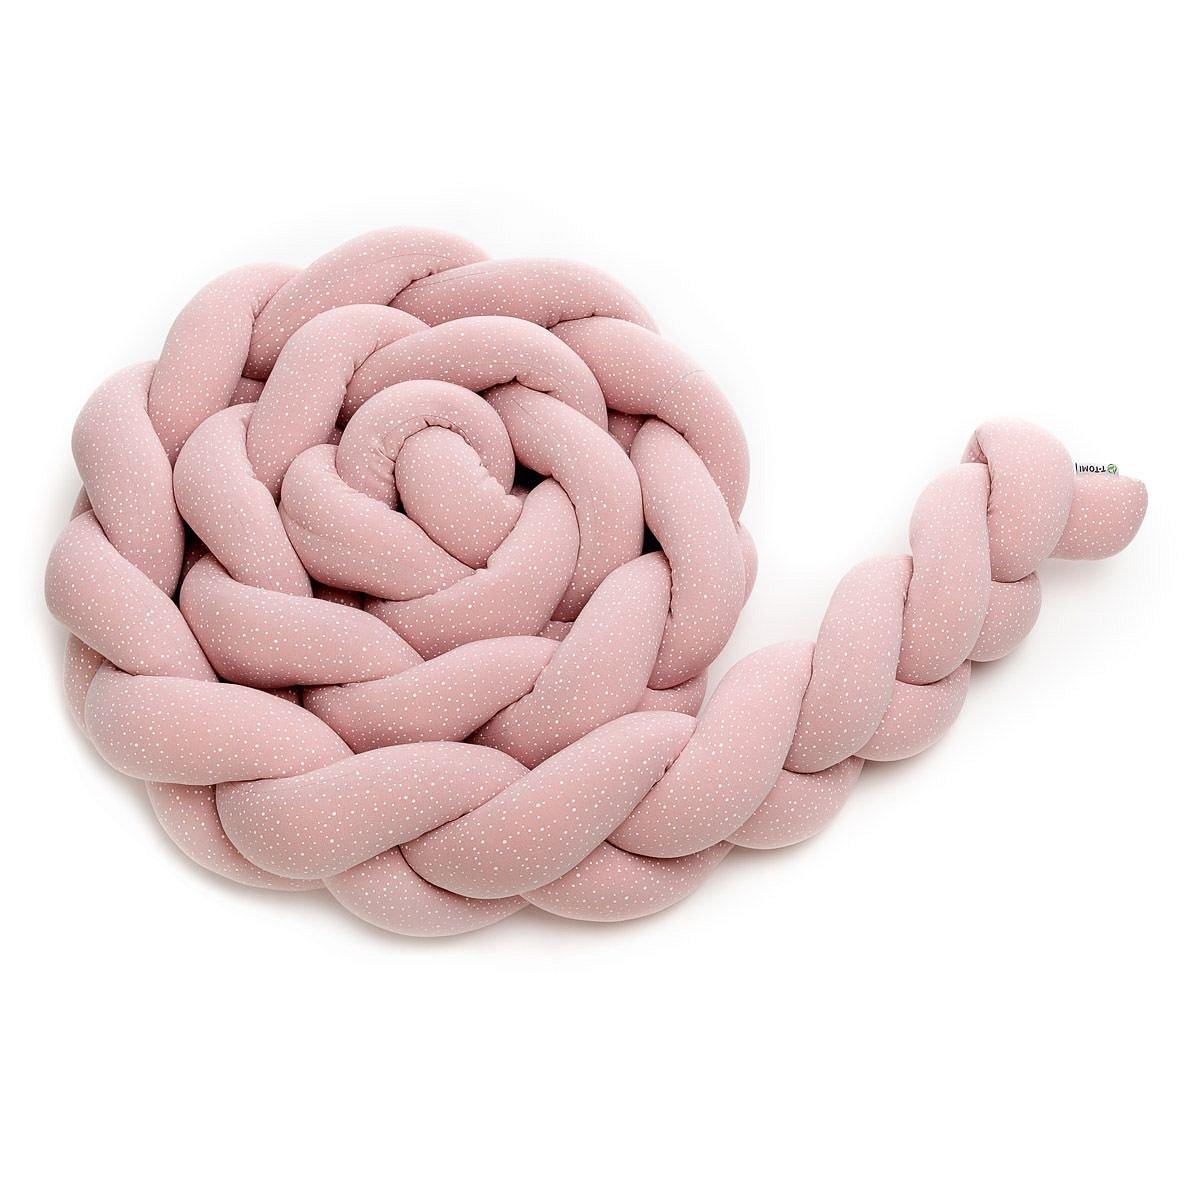 T-tomi Pletený mantinel 180 cm 1 ks pink dots